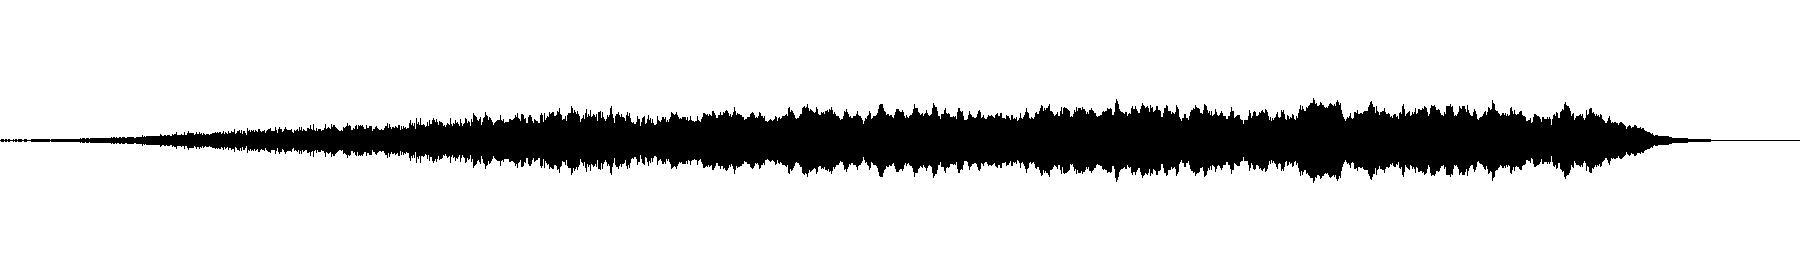 str glissoct 11 xs